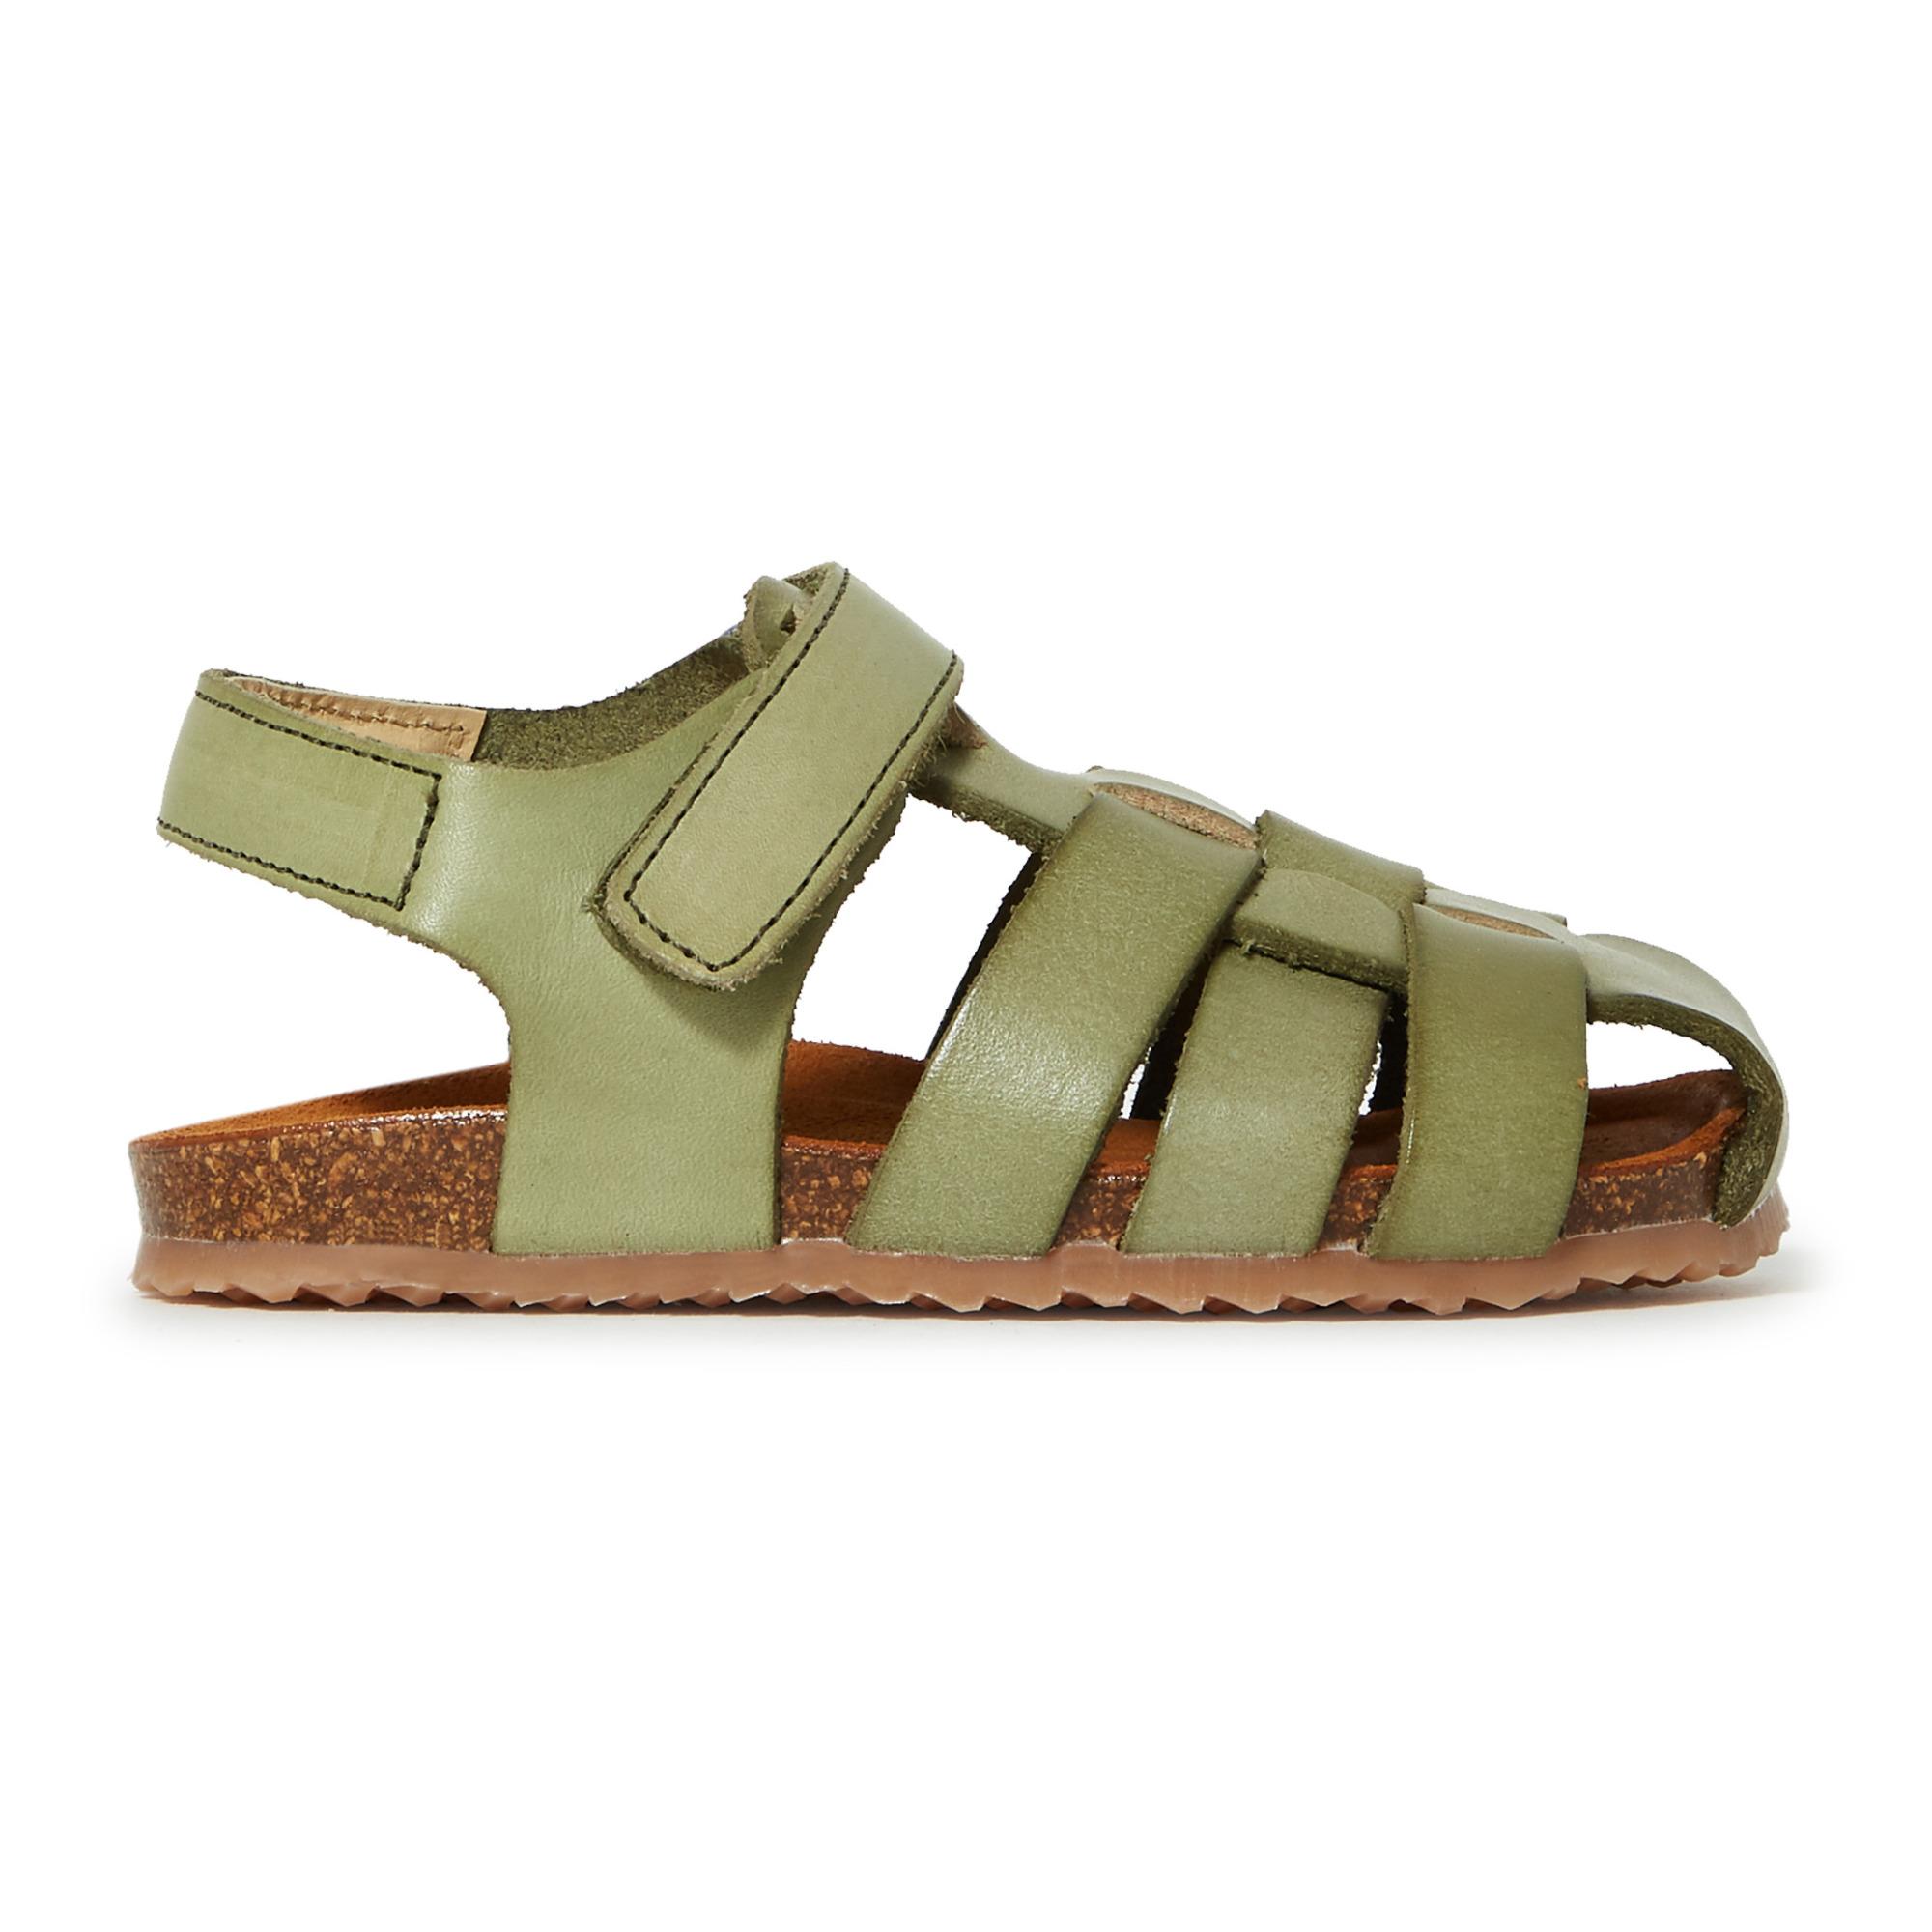 Pèpè Children Shoes I Nuova collezione I Smallable